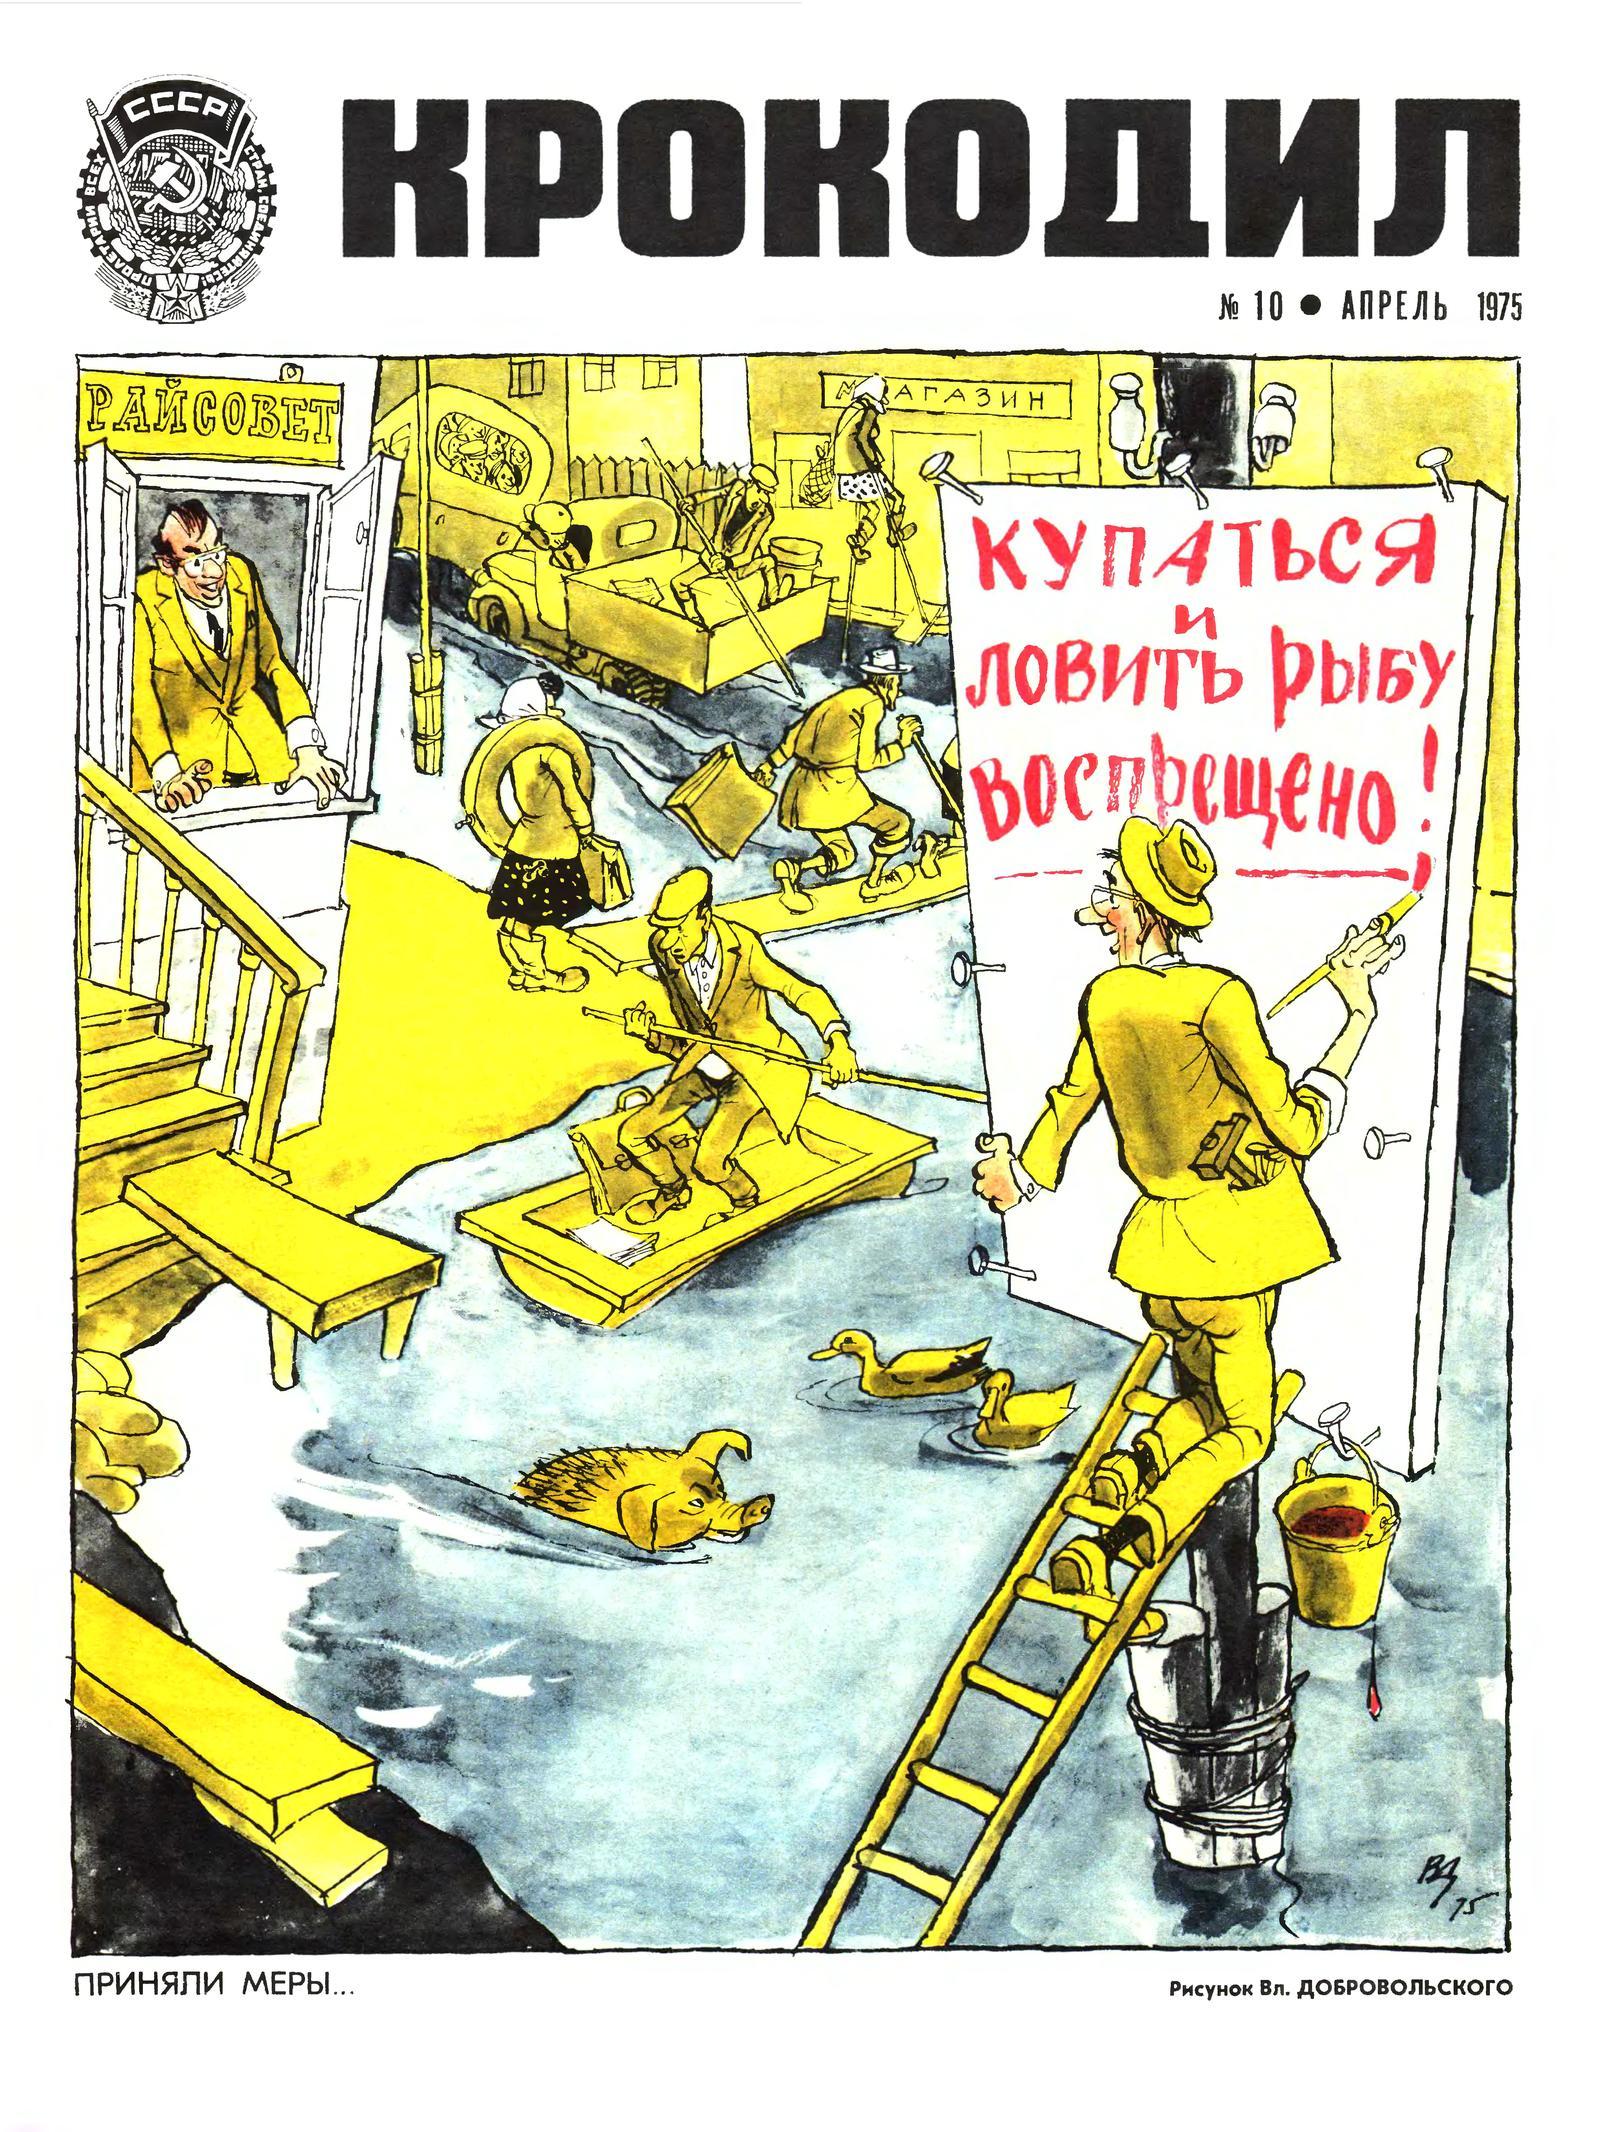 Сатира из 1970-х